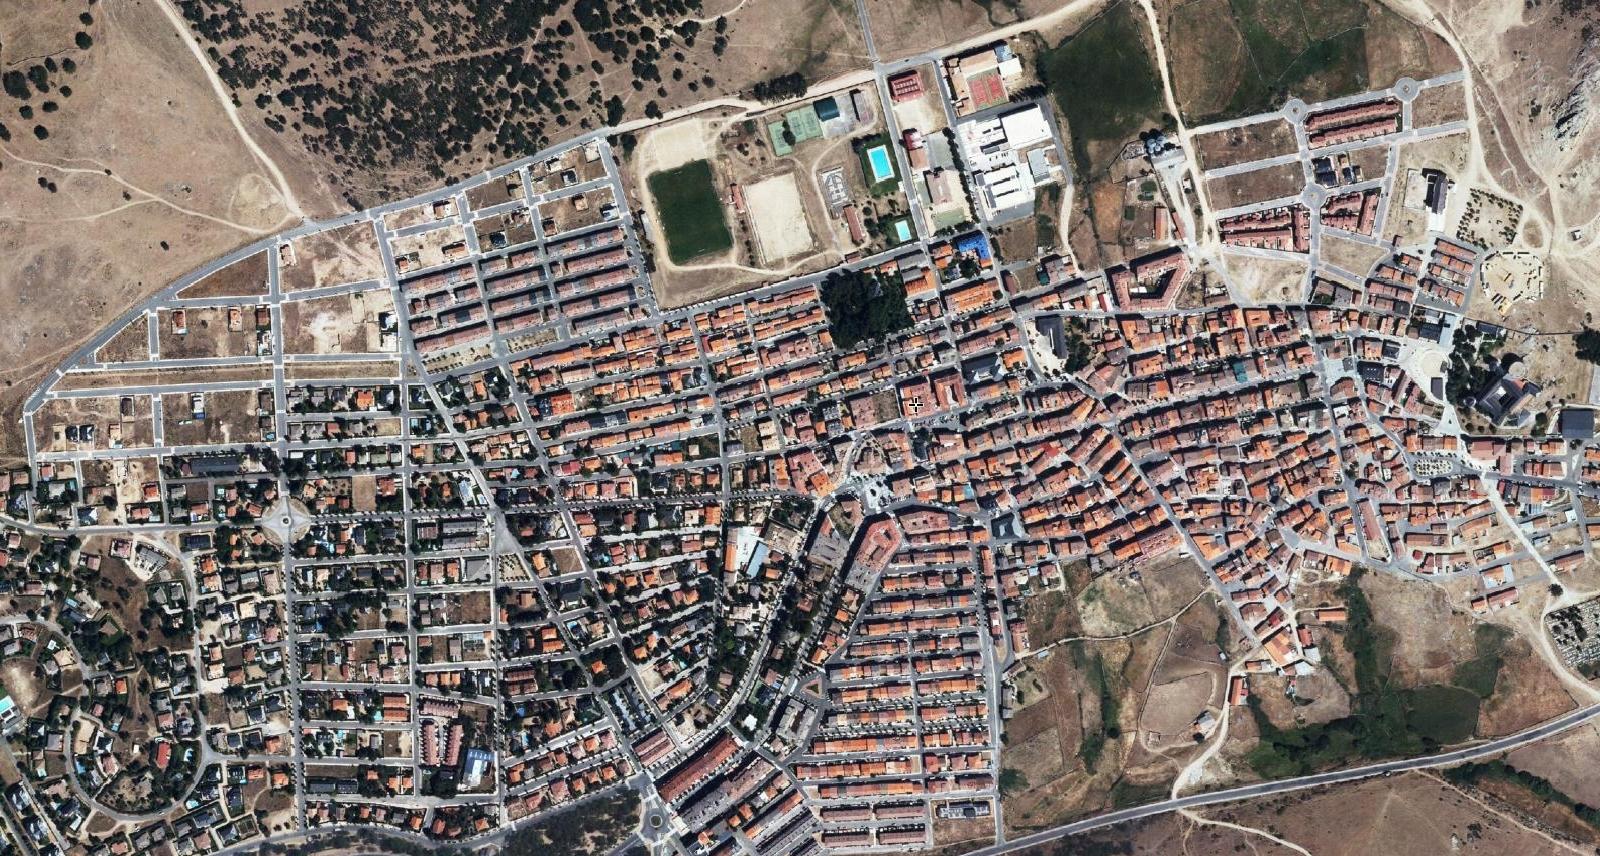 las navas del marqués, ávila, donde chencho, después, urbanismo, planeamiento, urbano, desastre, urbanístico, construcción, rotondas, carretera